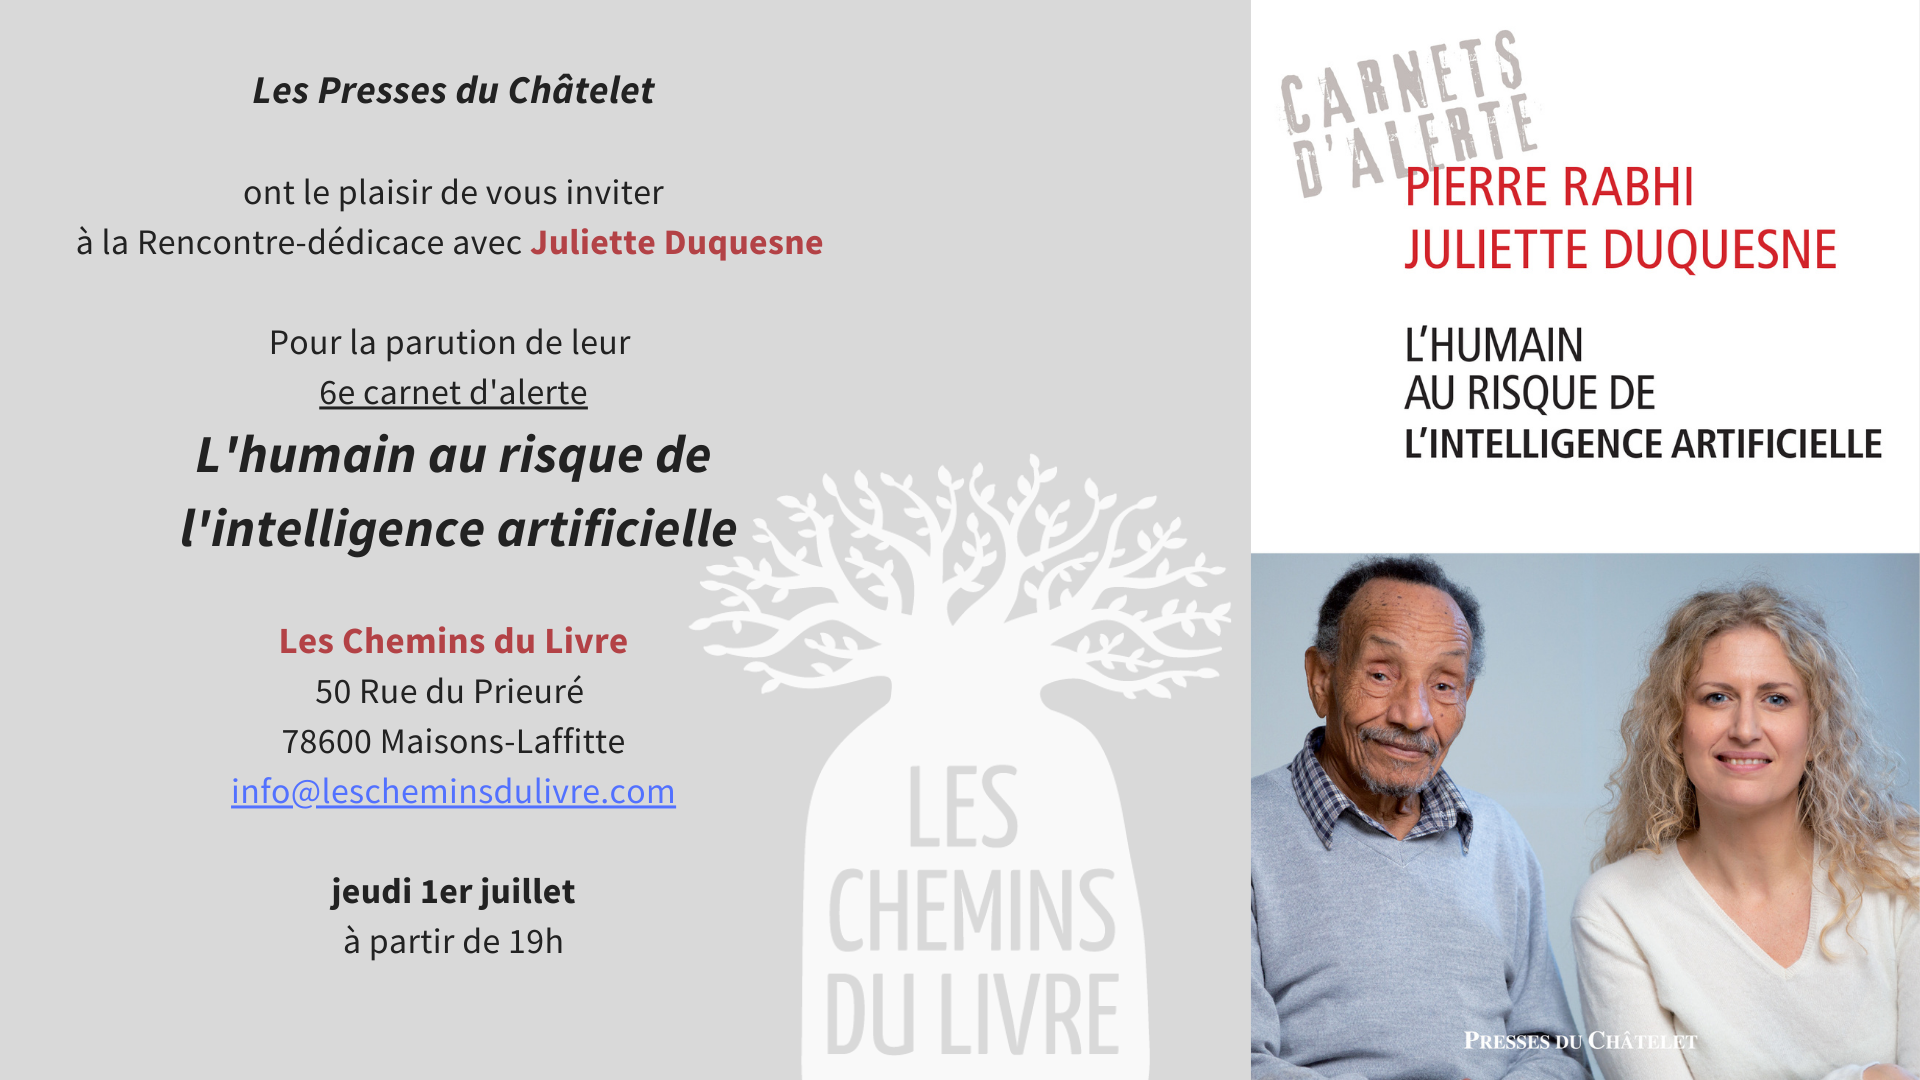 Rencontre-dédicace à  Maisons-Lafitte le 1er juillet!